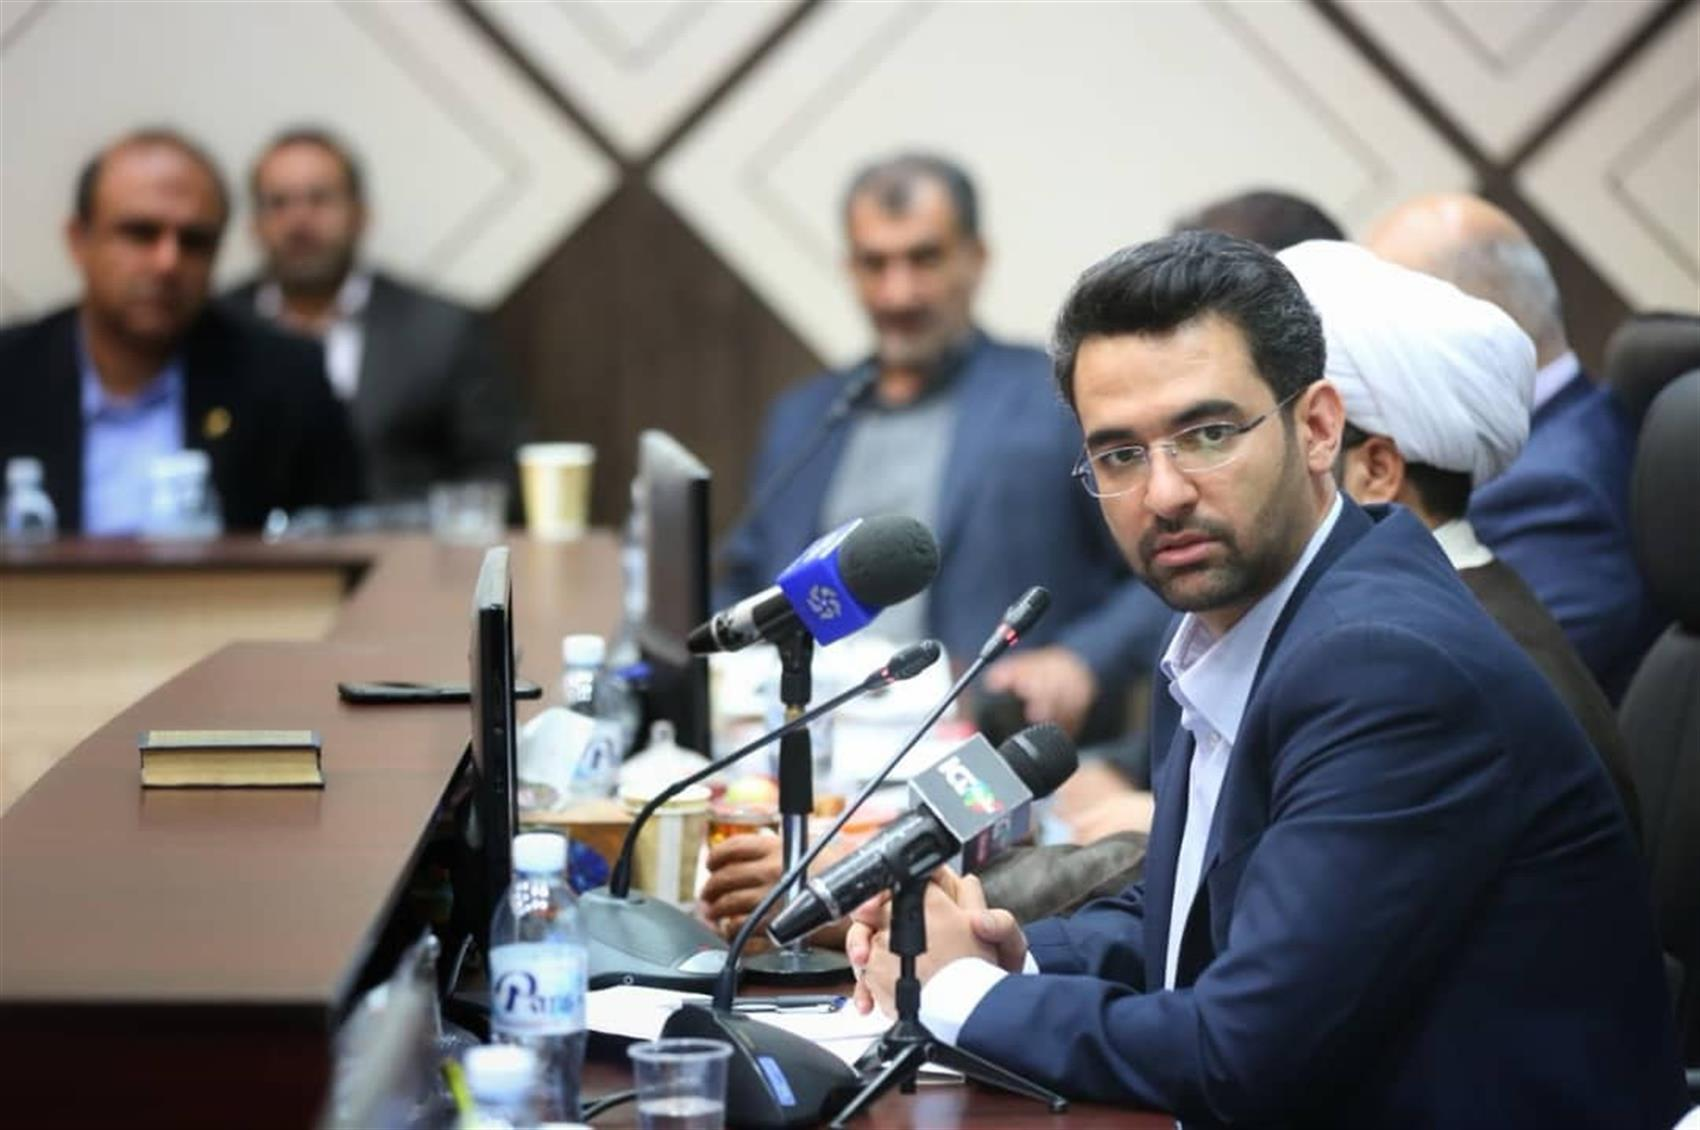 محمد جواد آذری جهرمی,اخبار سیاسی,خبرهای سیاسی,دولت